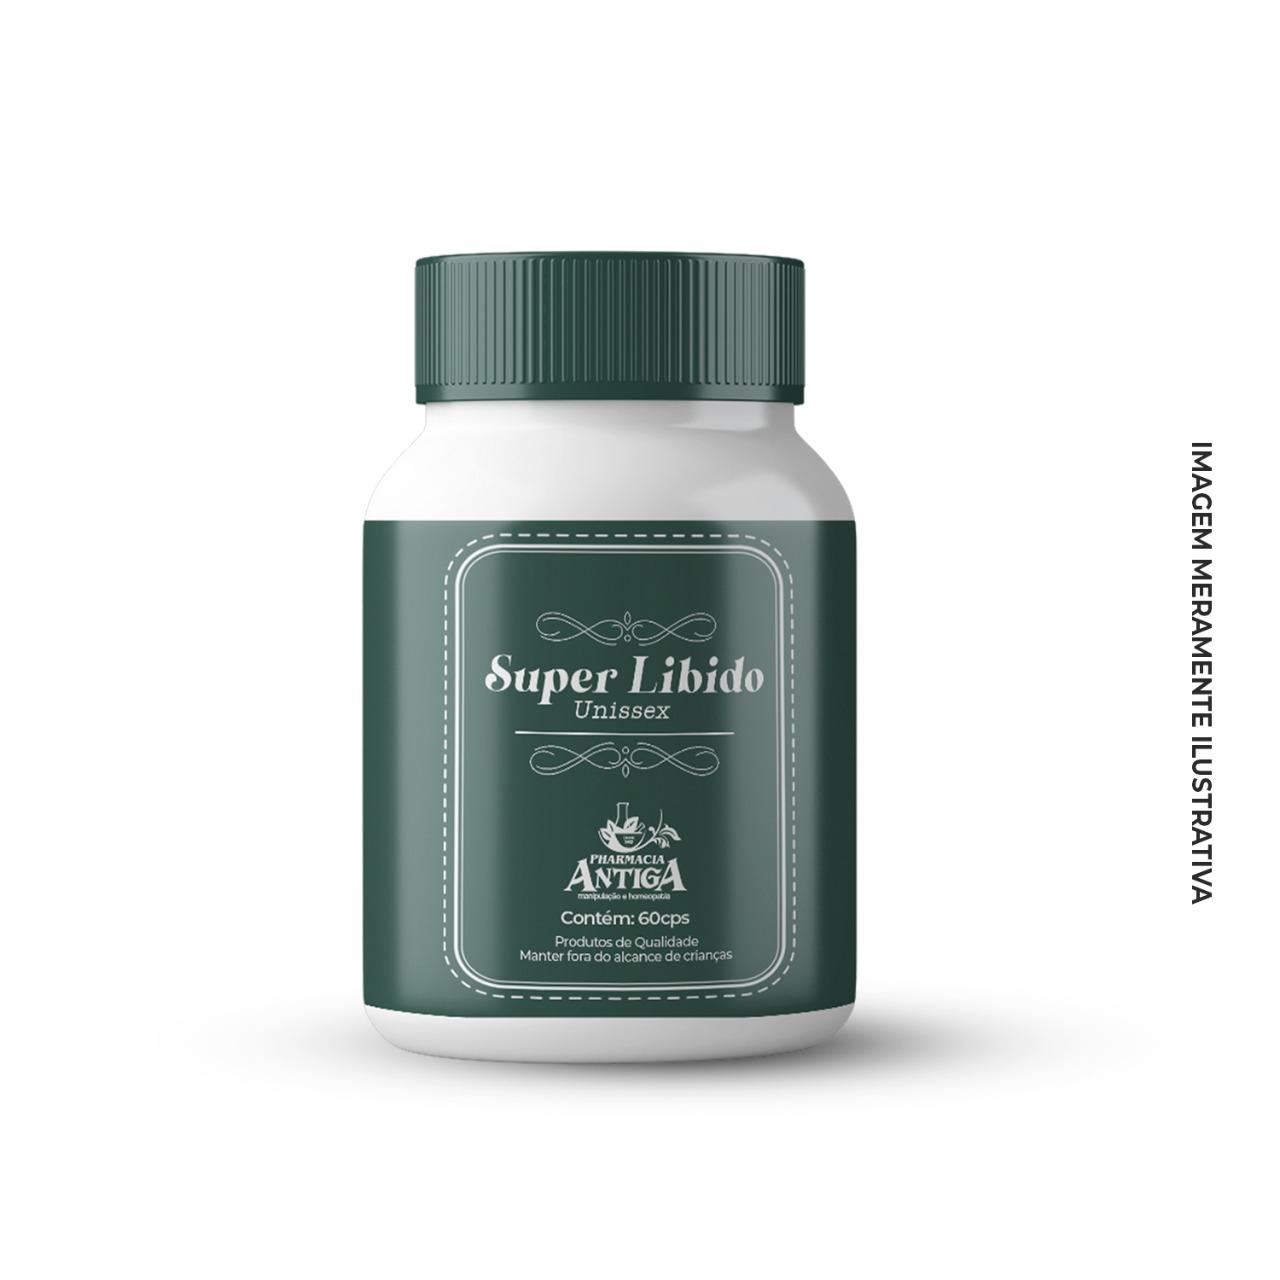 Super Libido Unissex 60 cps